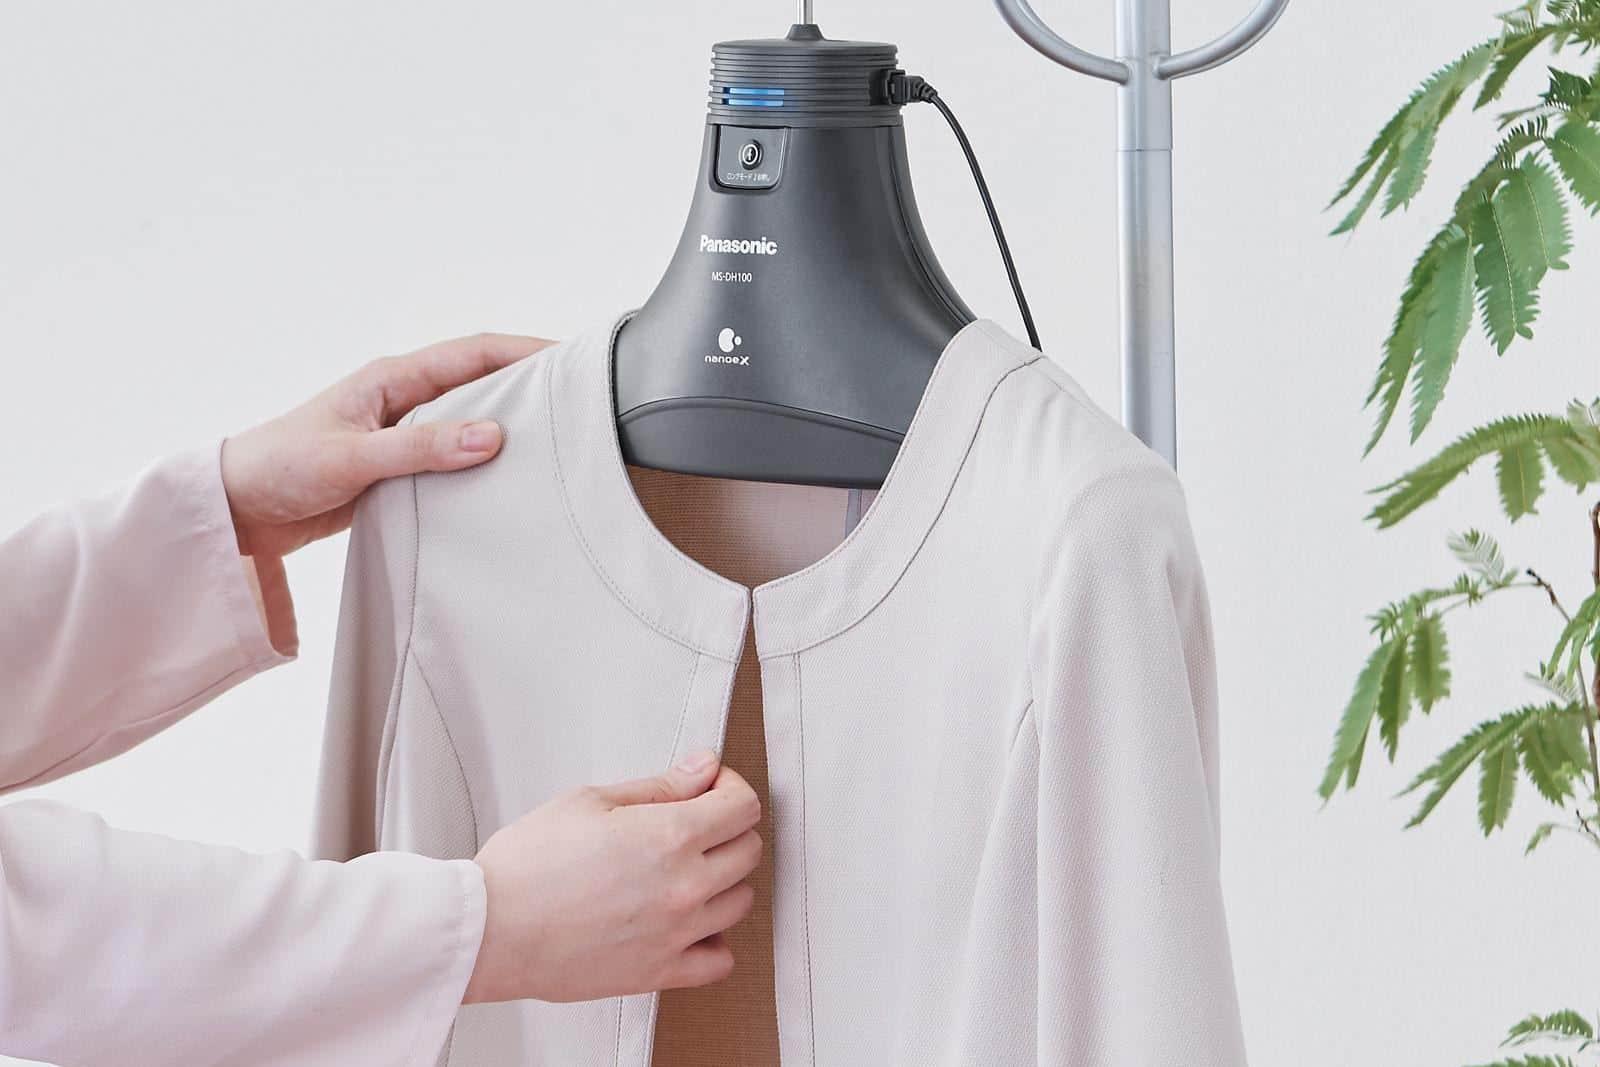 配備納米水離子技術 Panasonic 消臭衣架上市